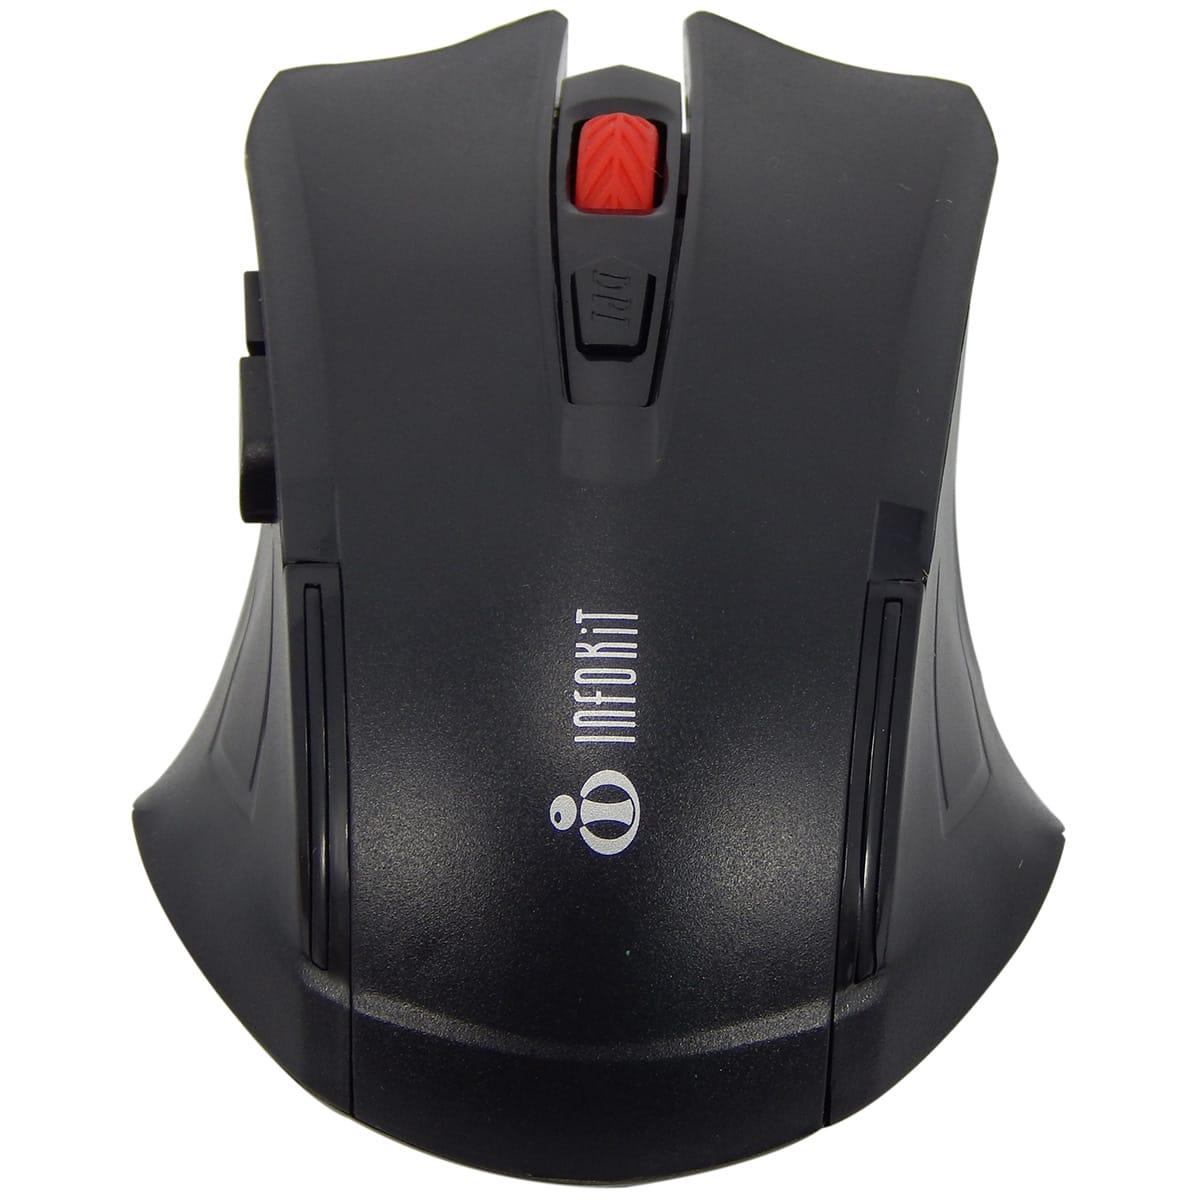 Kit Teclado e Mouse Sem Fio Gamer Infokit SF-X40